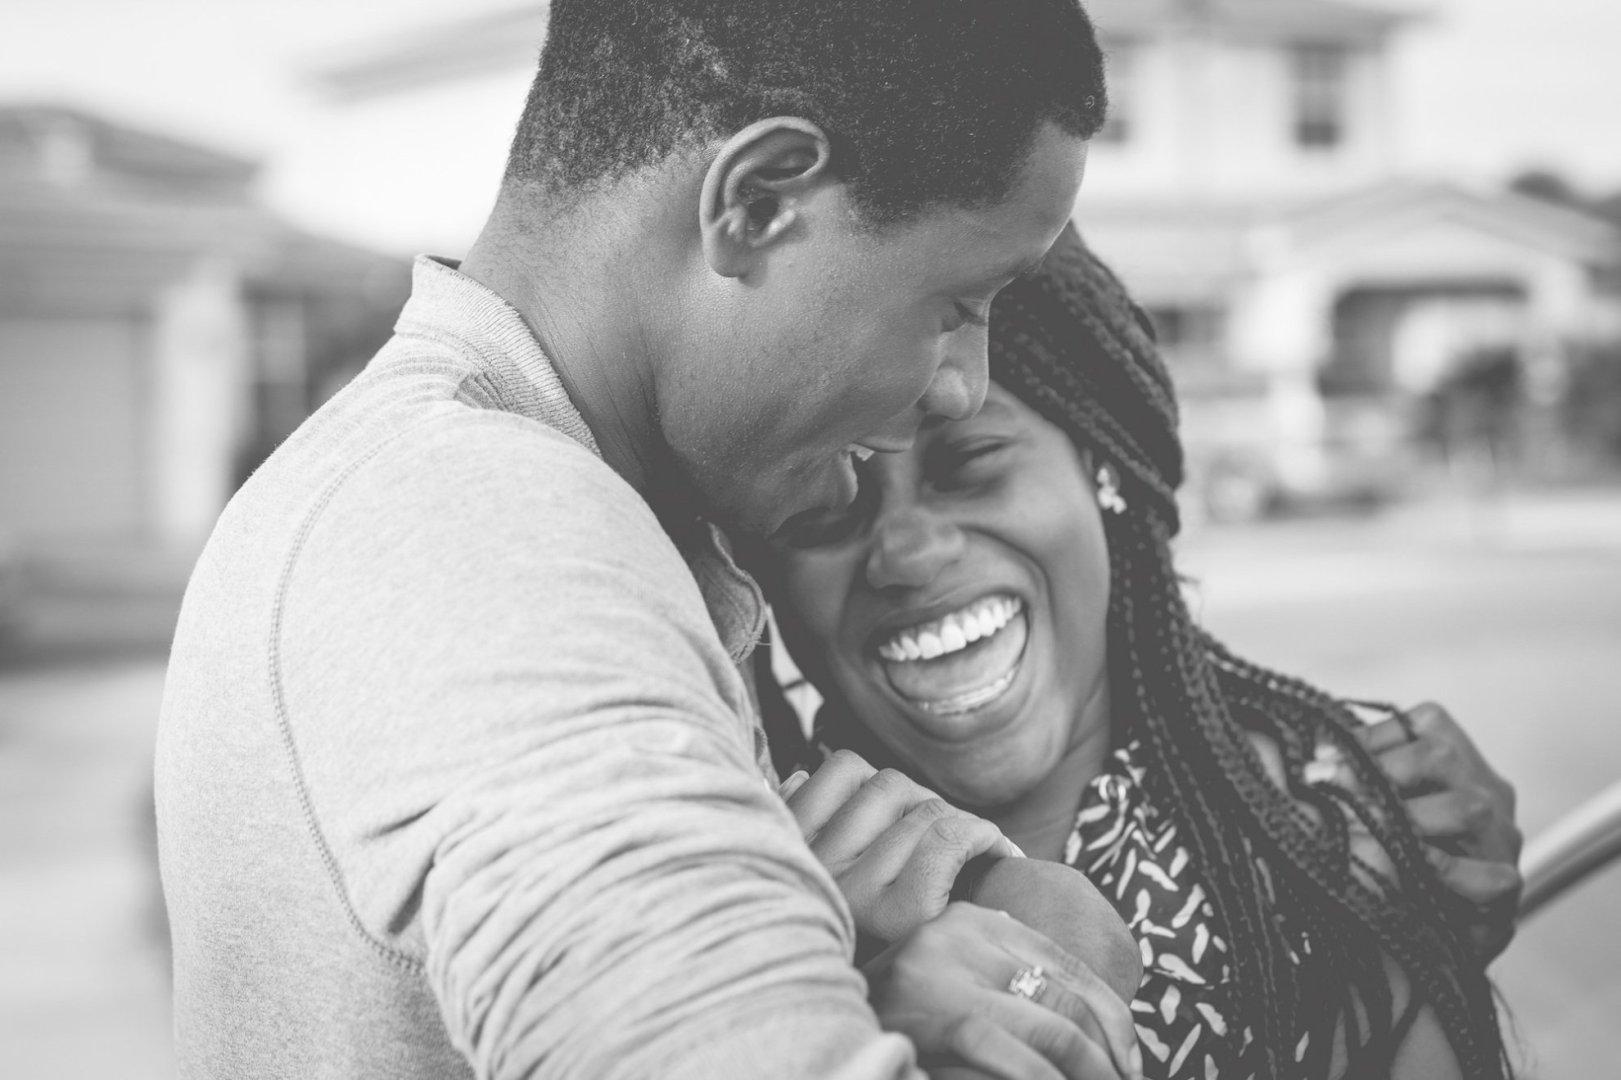 Happy couple laughing © William Stitt/Unsplash